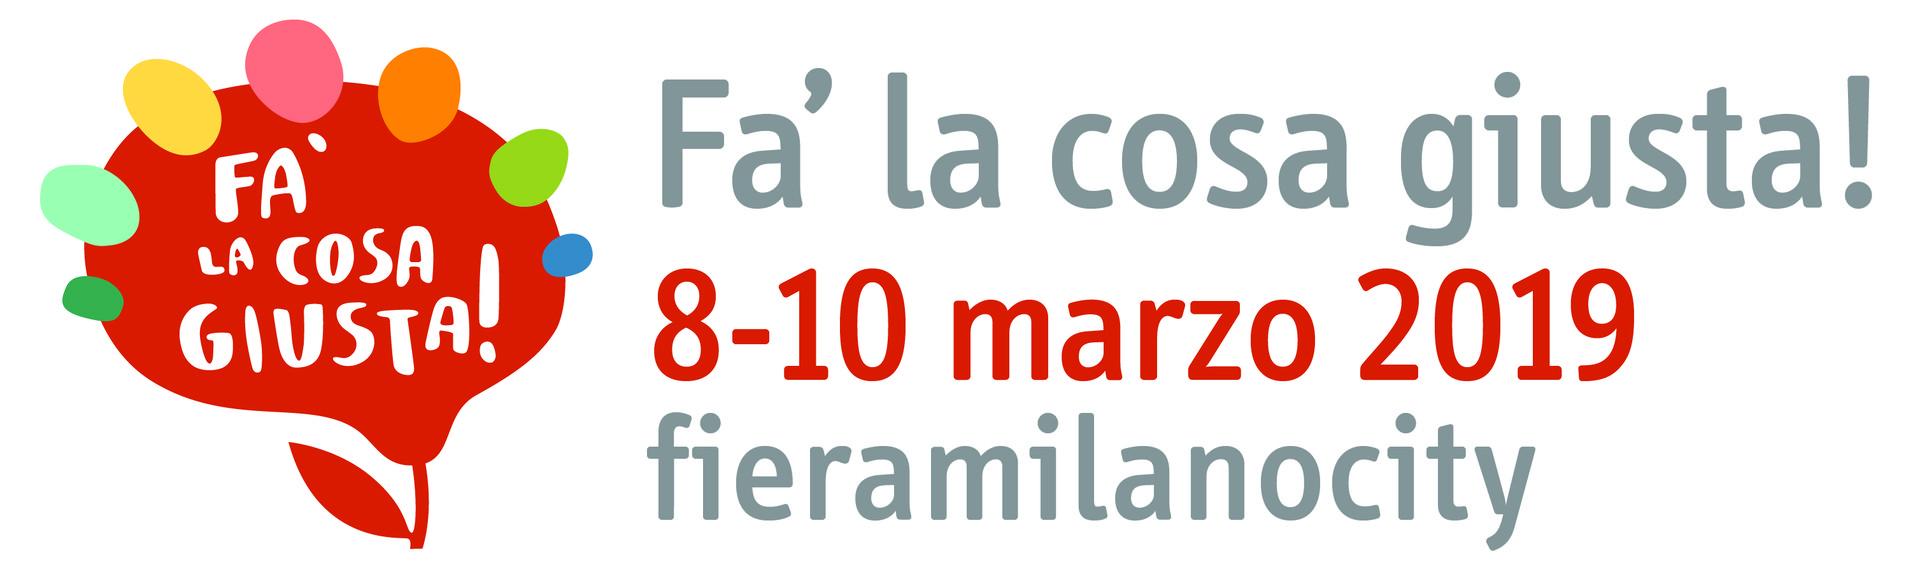 flcg_logo_e_date